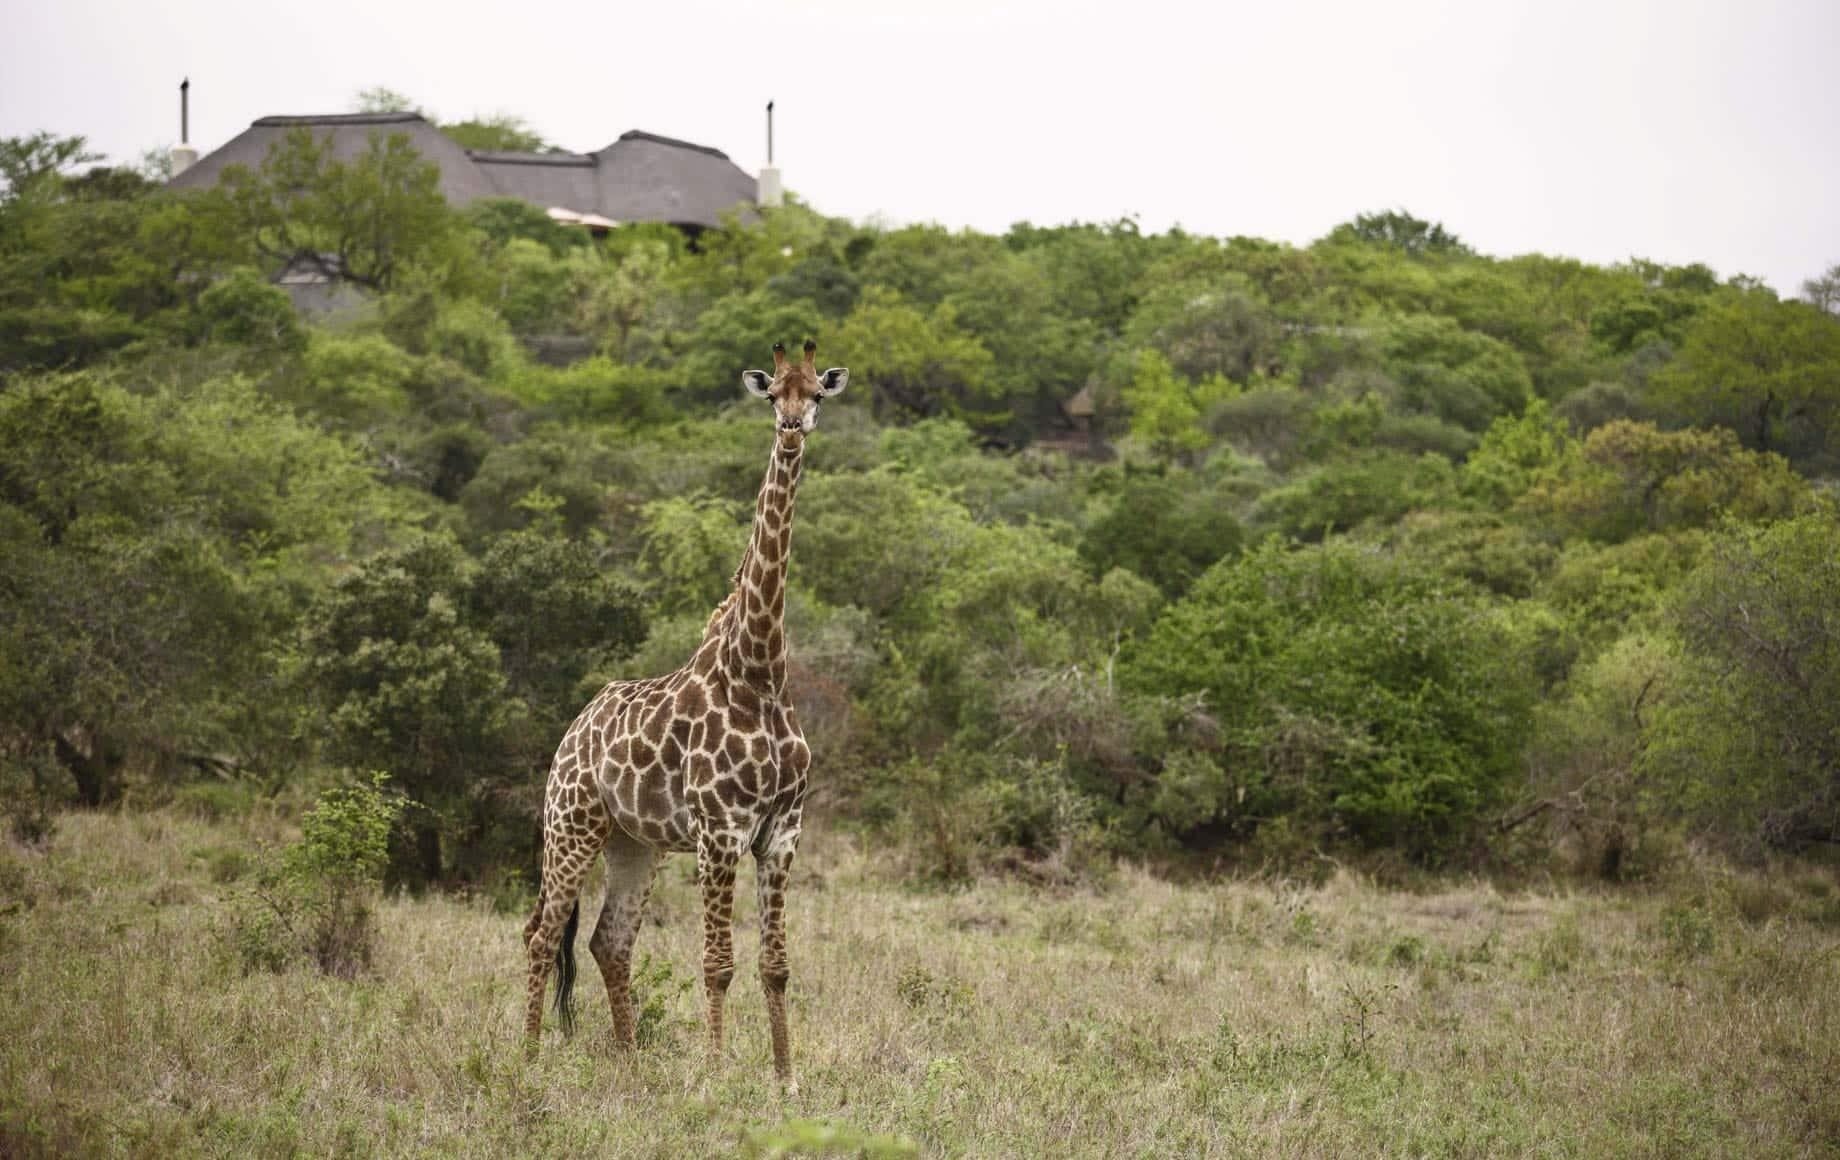 Giraffe at KwaZulu-Natal